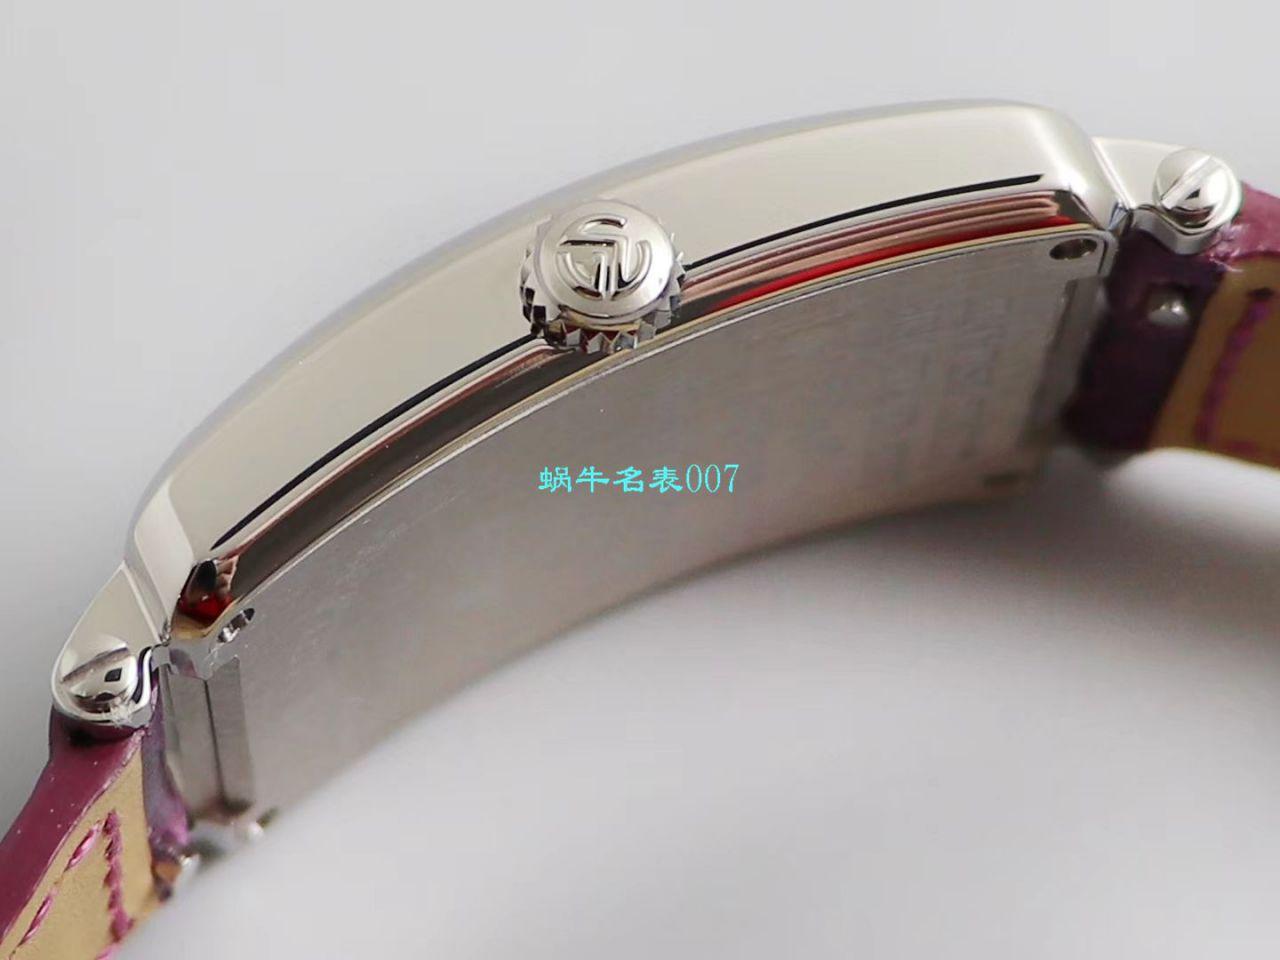 【台湾厂顶级复刻女表】法兰克穆勒长岛LONG ISLAND 系列952 QZ D腕表 / FL066